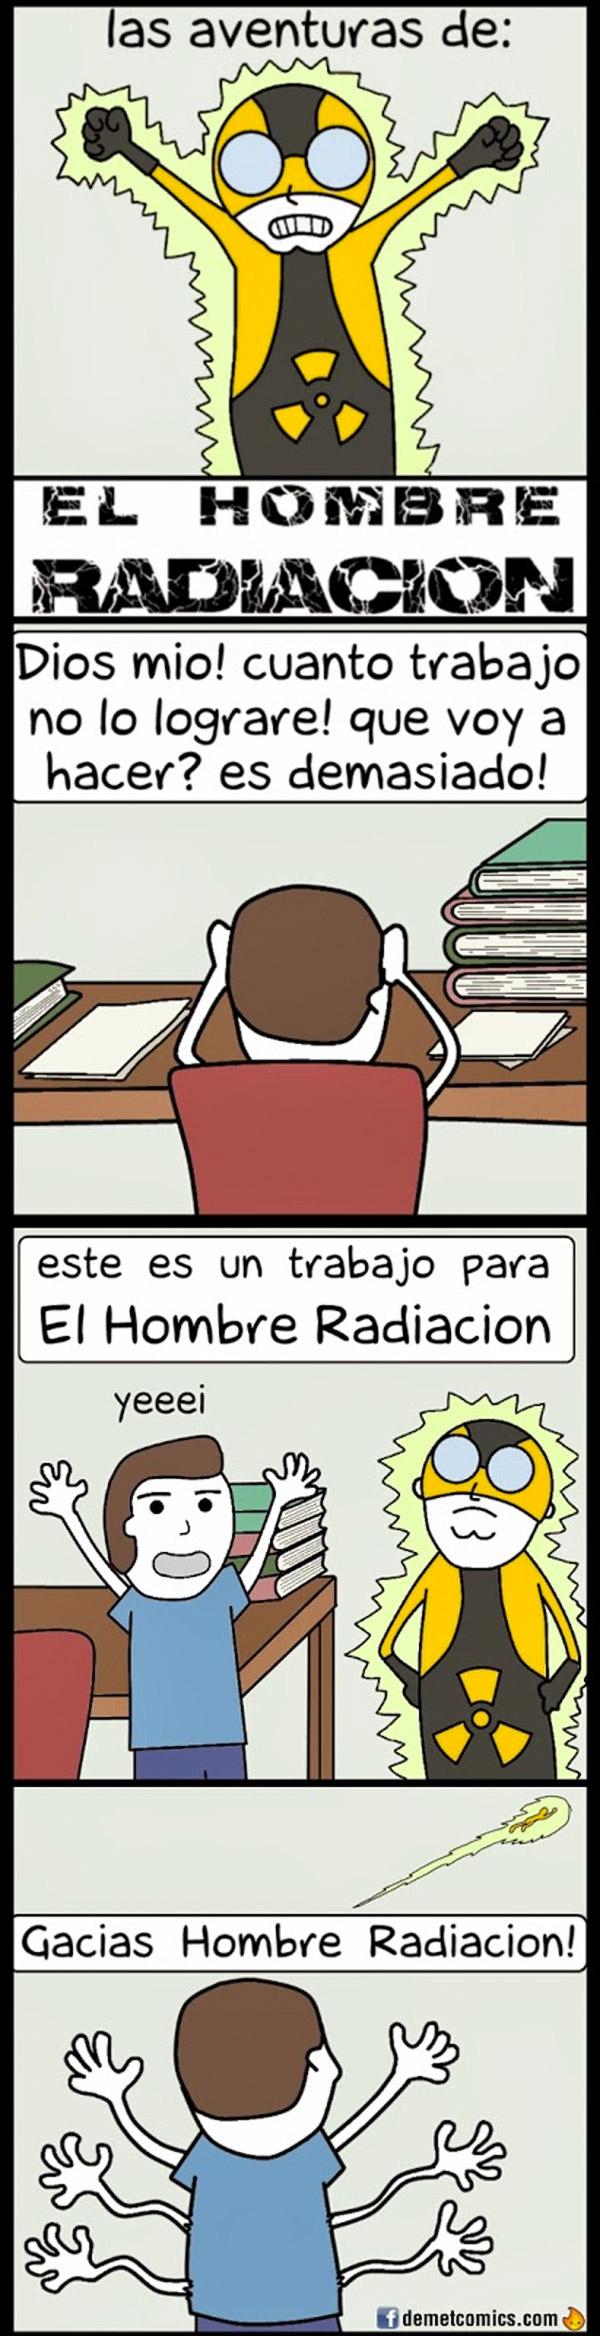 El hombre radiación: mucho trabajo